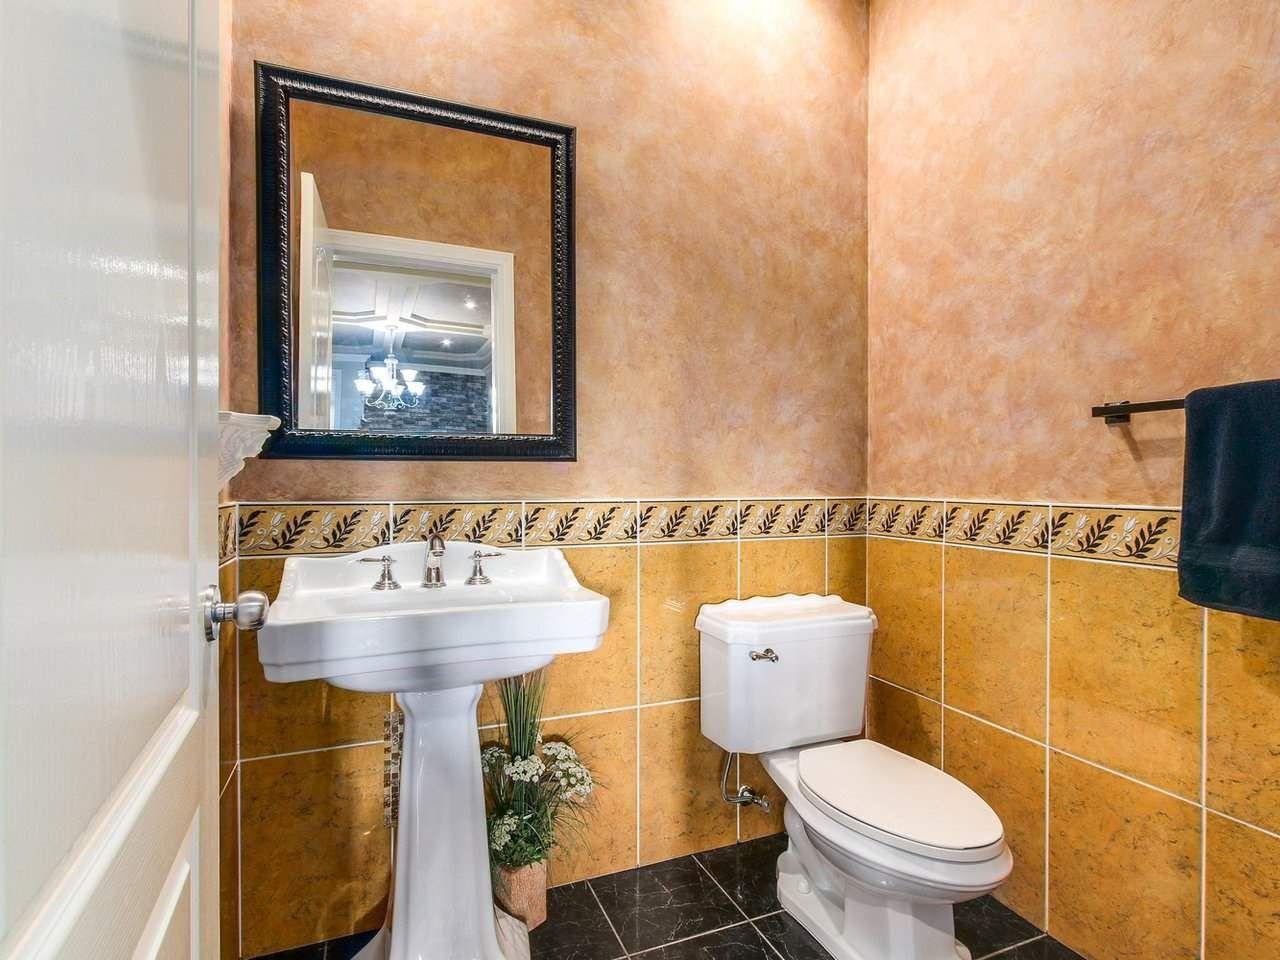 Photo 12: Photos: 725 REGAN Avenue in Coquitlam: Coquitlam West House for sale : MLS®# R2226266